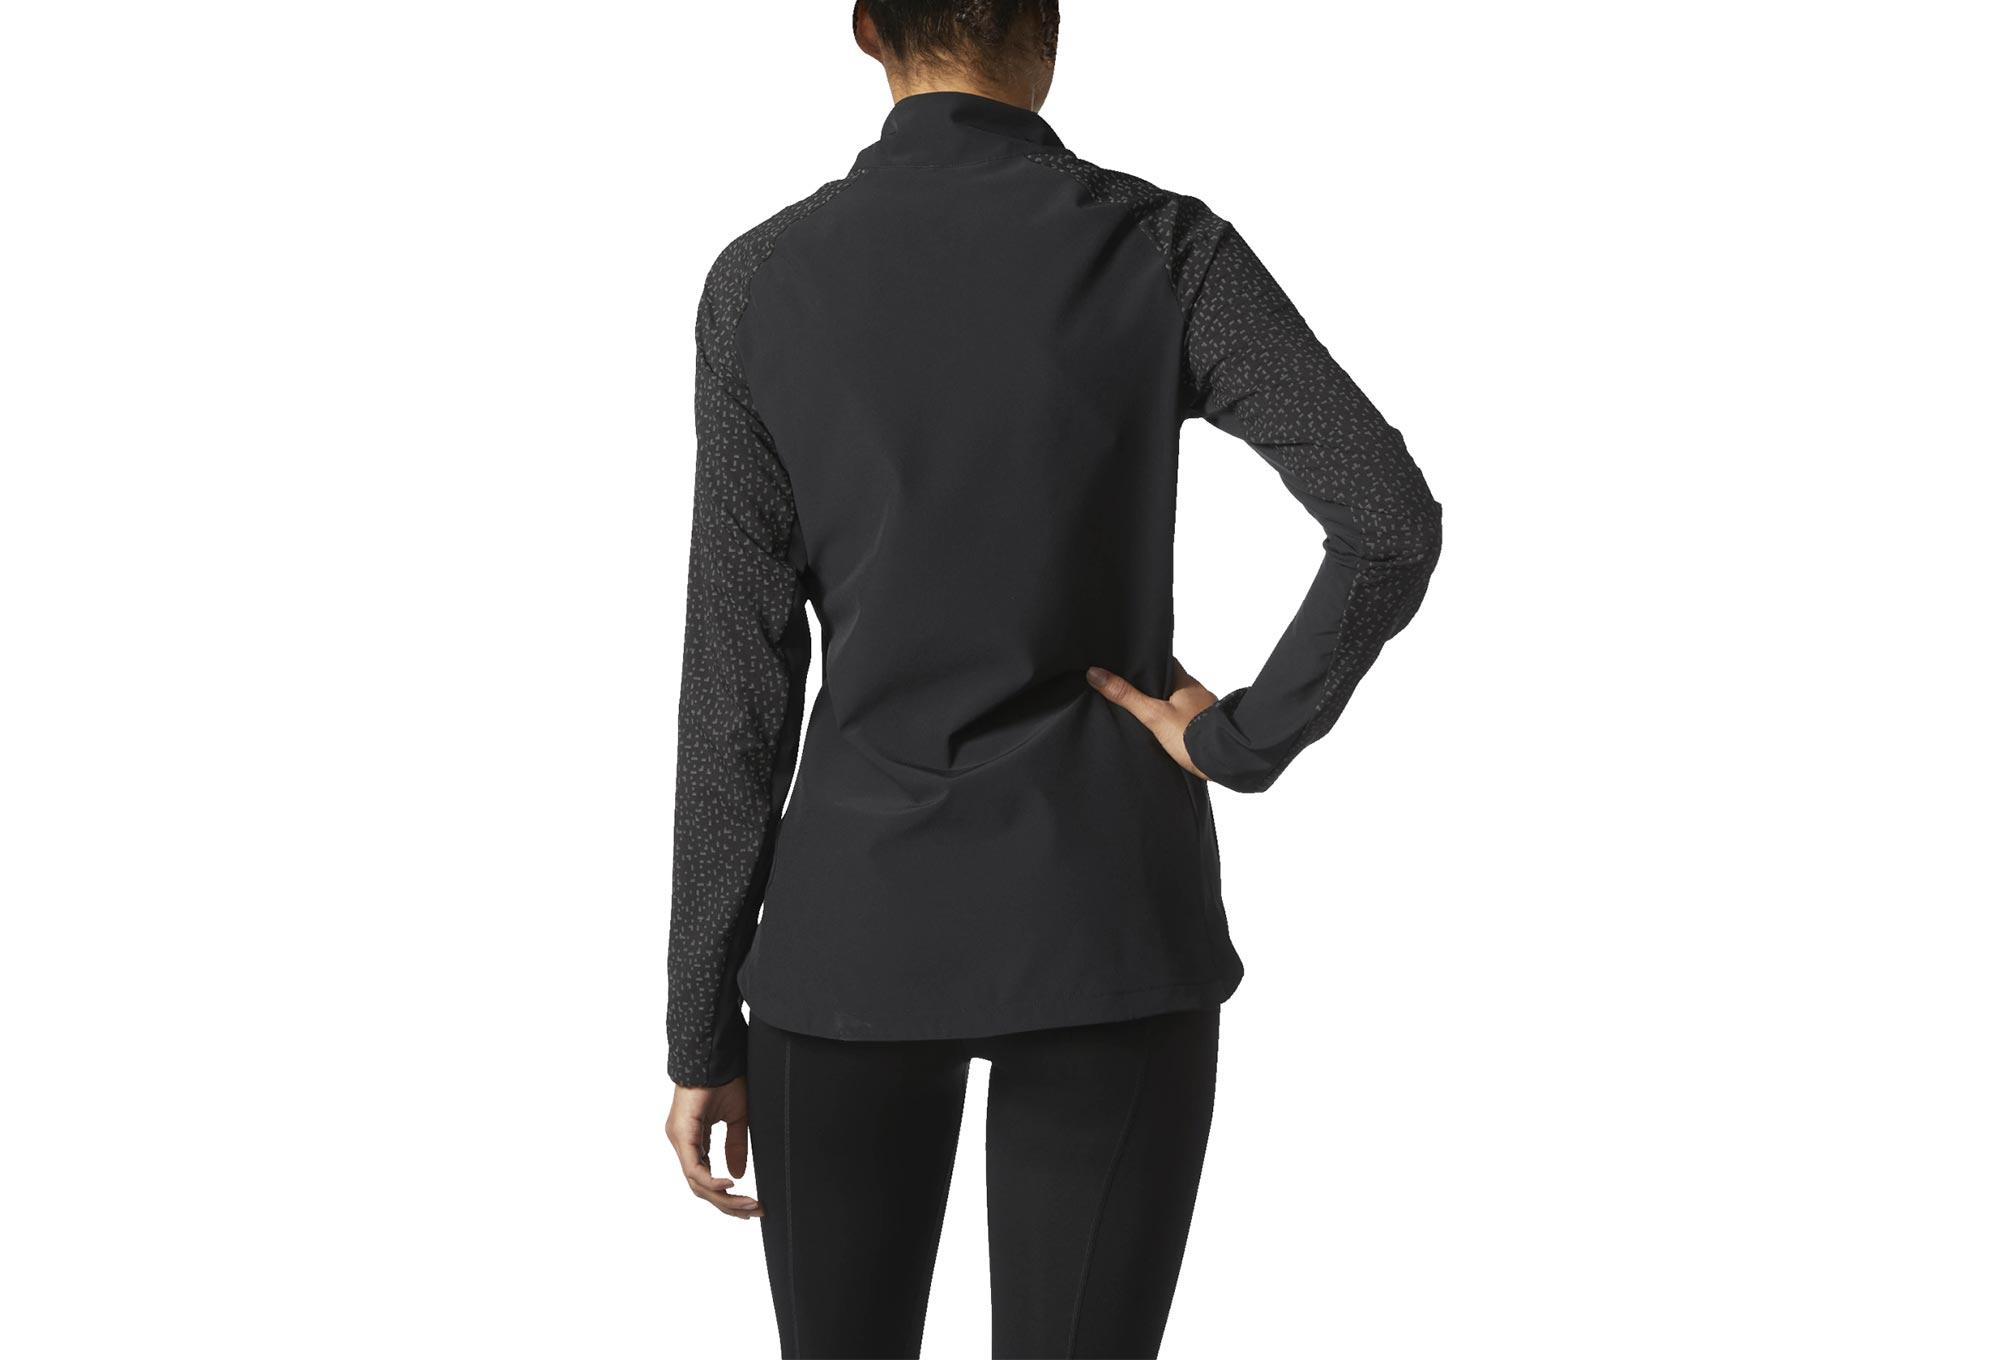 Veste coupe vent d perlant femme adidas running supernova storm noir - Veste coupe vent adidas femme ...